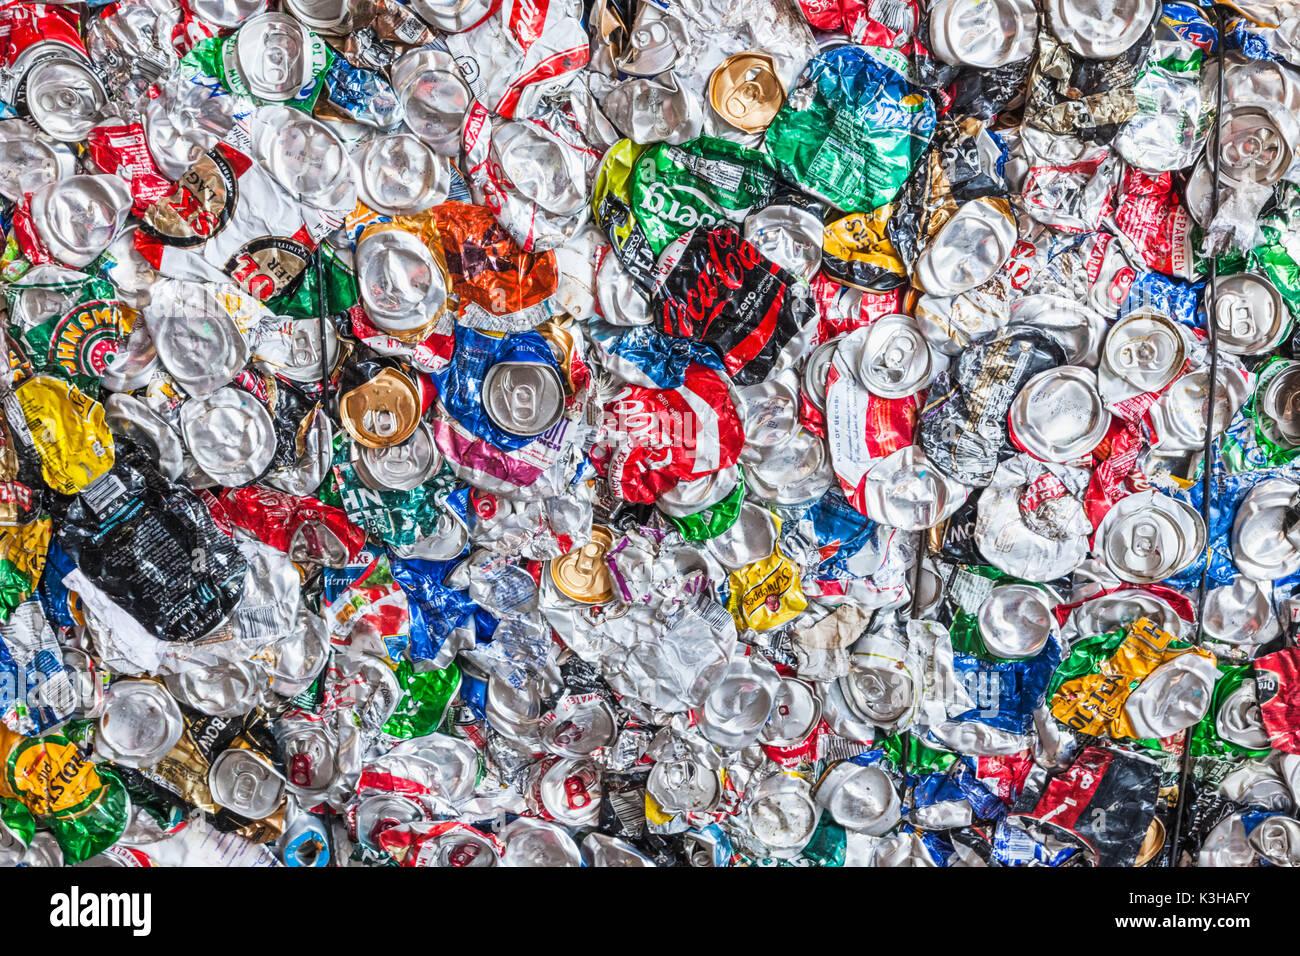 Inghilterra, London Southwark integrato per la gestione dei rifiuti, impianto di riciclaggio dei rifiuti, dettaglio di metallo compresso può balla Immagini Stock